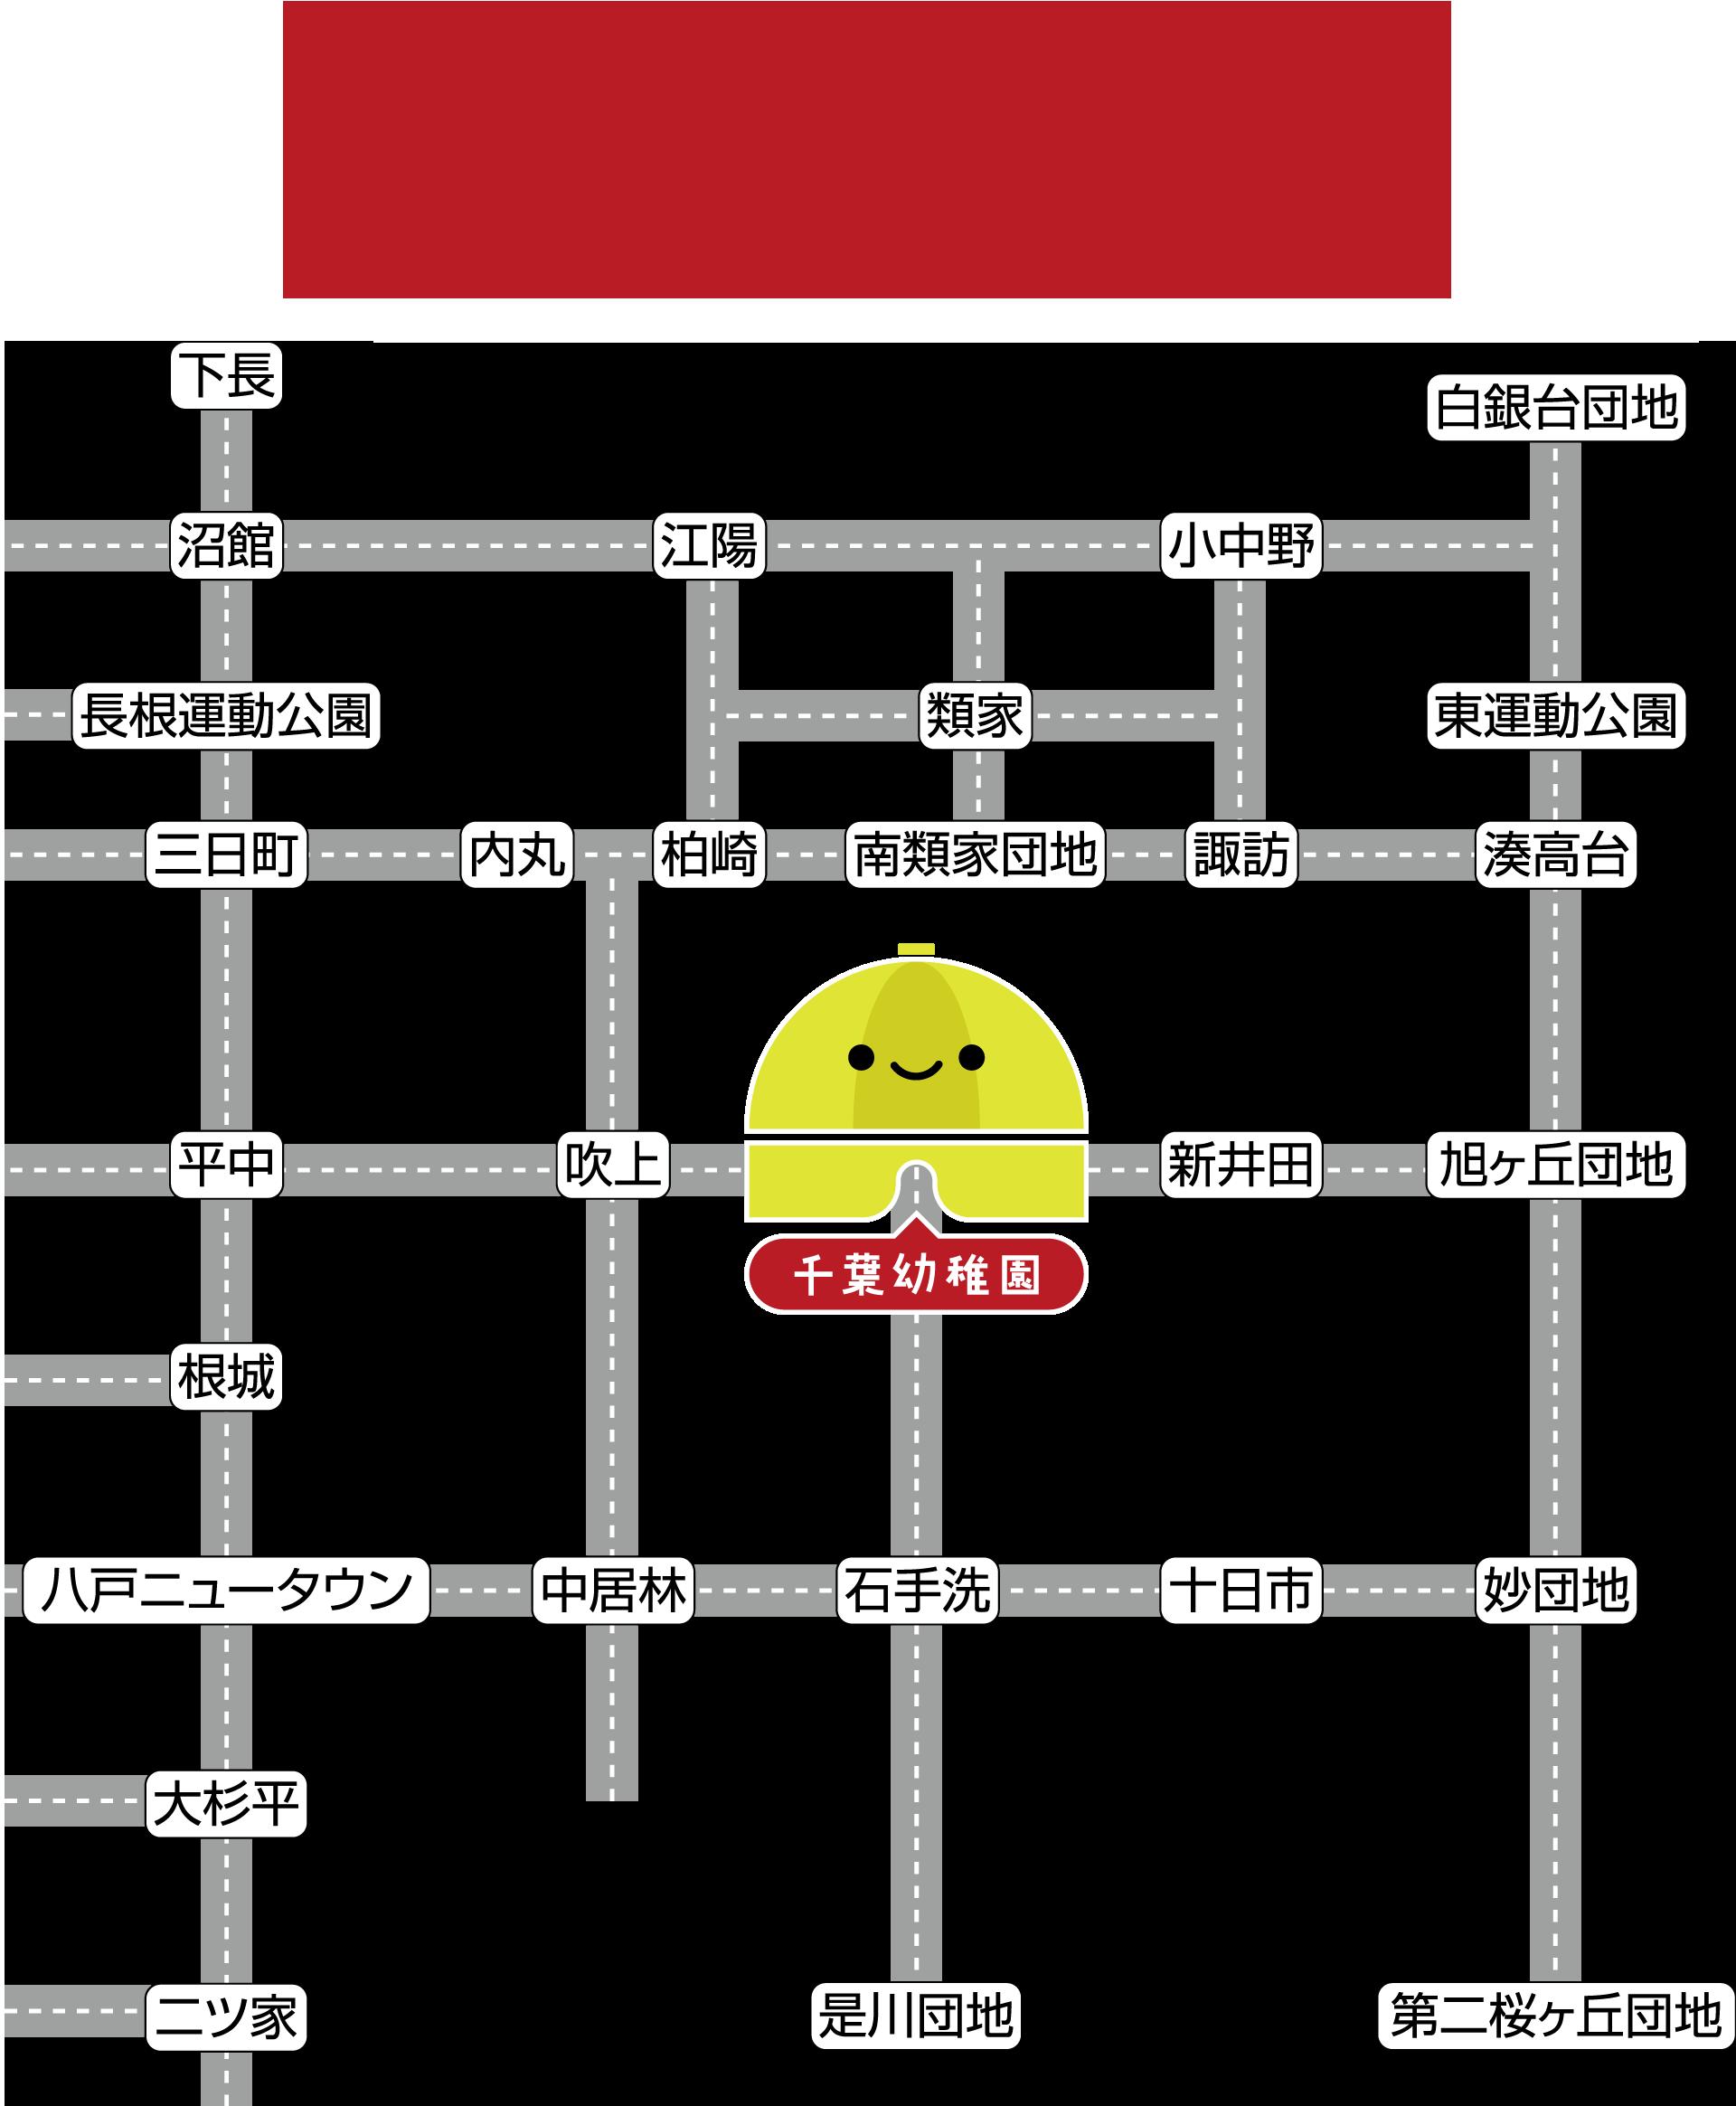 千葉幼稚園バスマップ